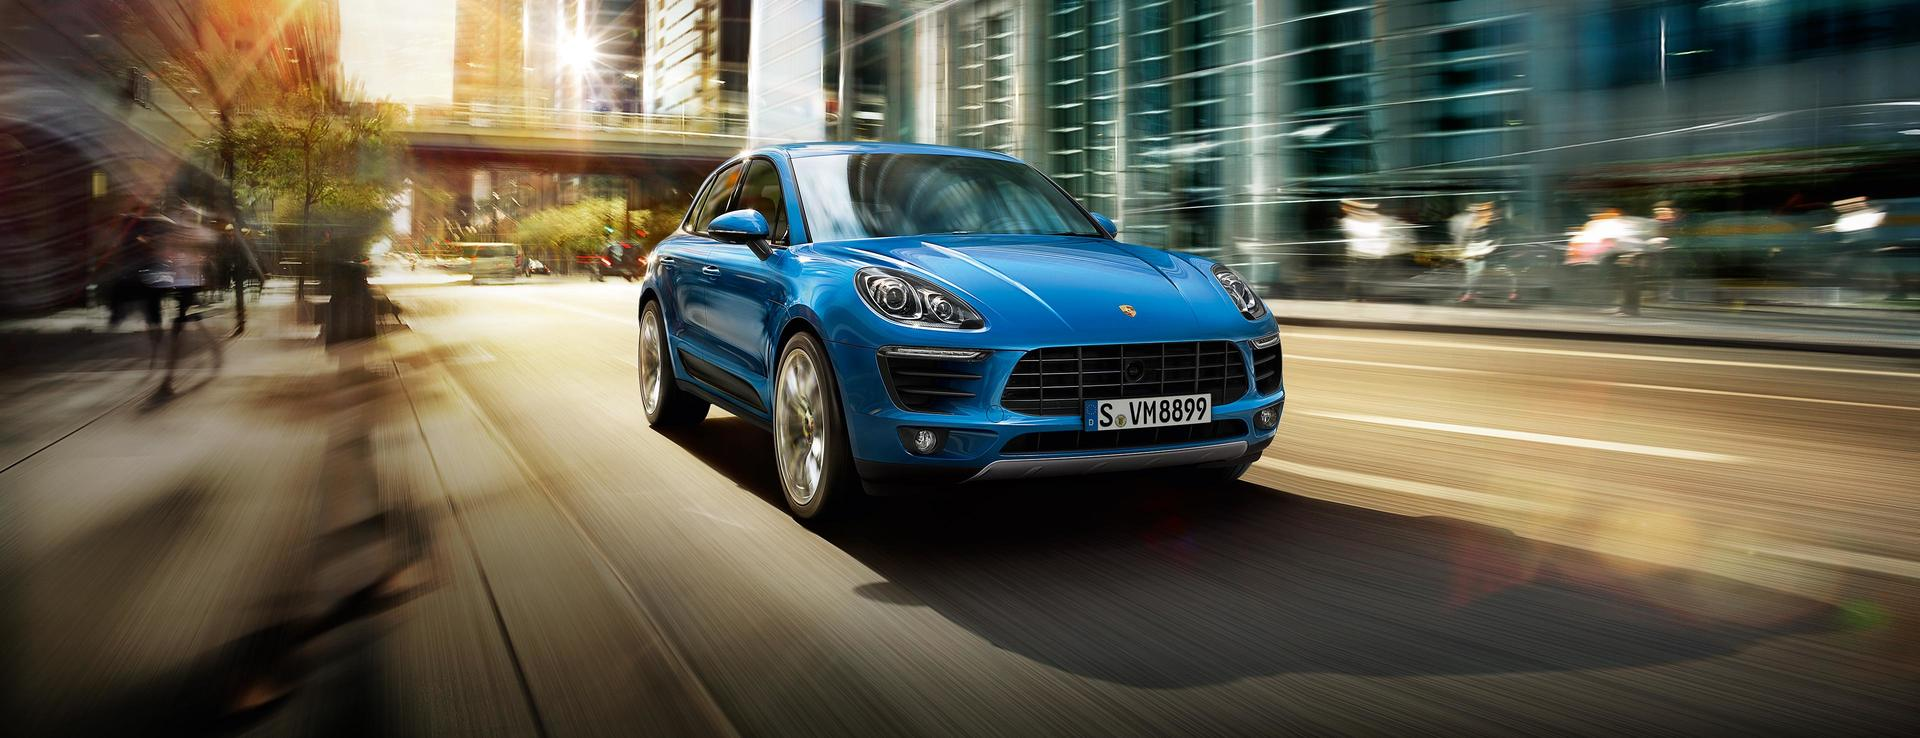 Porsche Việt Nam giới thiệu điểm đến mới dành cho người hâm mộ xe thể thao 12